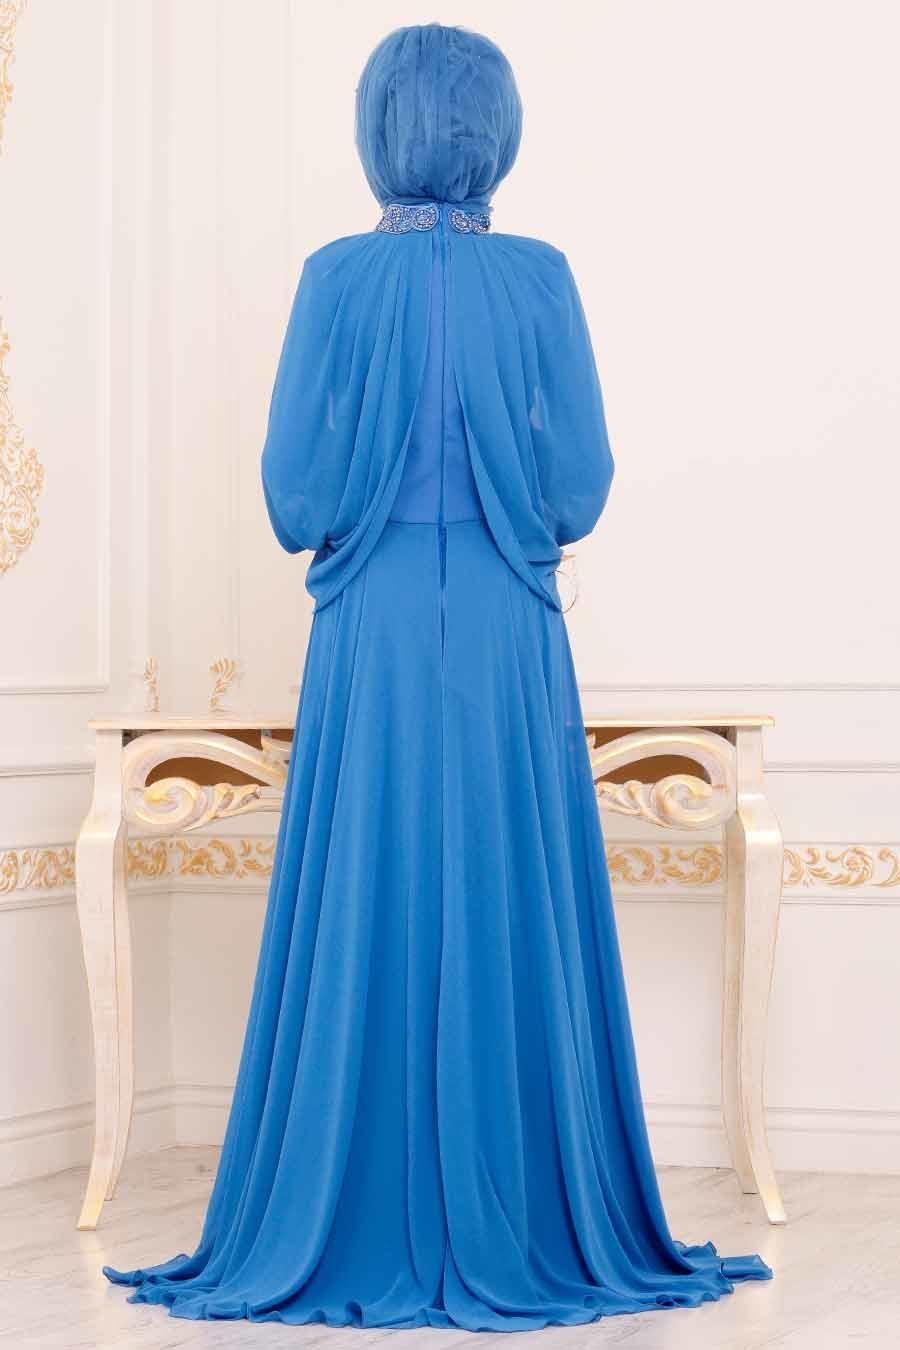 Tesettürlü Abiye Elbise - Boncuk İşlemeli İndigo Mavisi Tesettür Abiye Elbise 46230IM